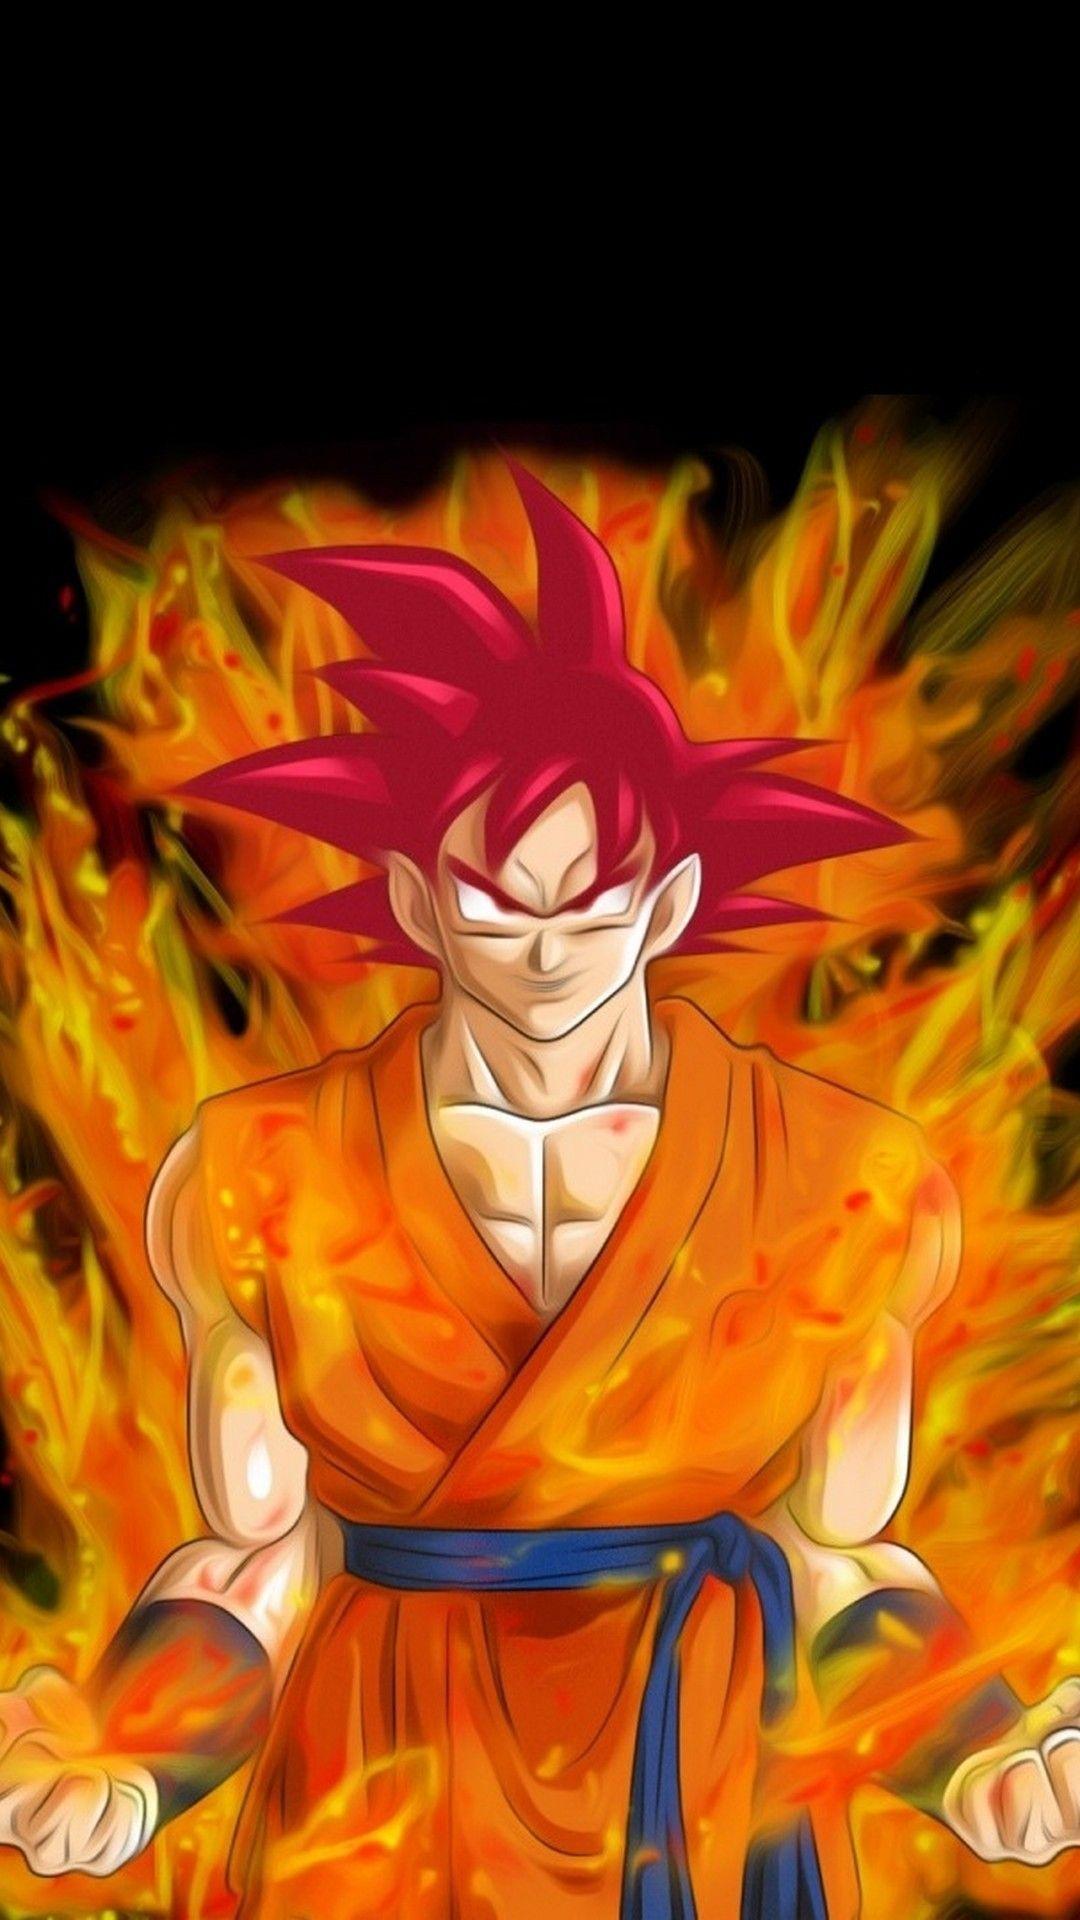 Goku Super Saiyan God Wallpaper 34 Image Collections Wallpaper For Android Mobile Goku Ssj Wallpapers Top F Goku Super Saiyan God Goku Super Saiyan Goku Super